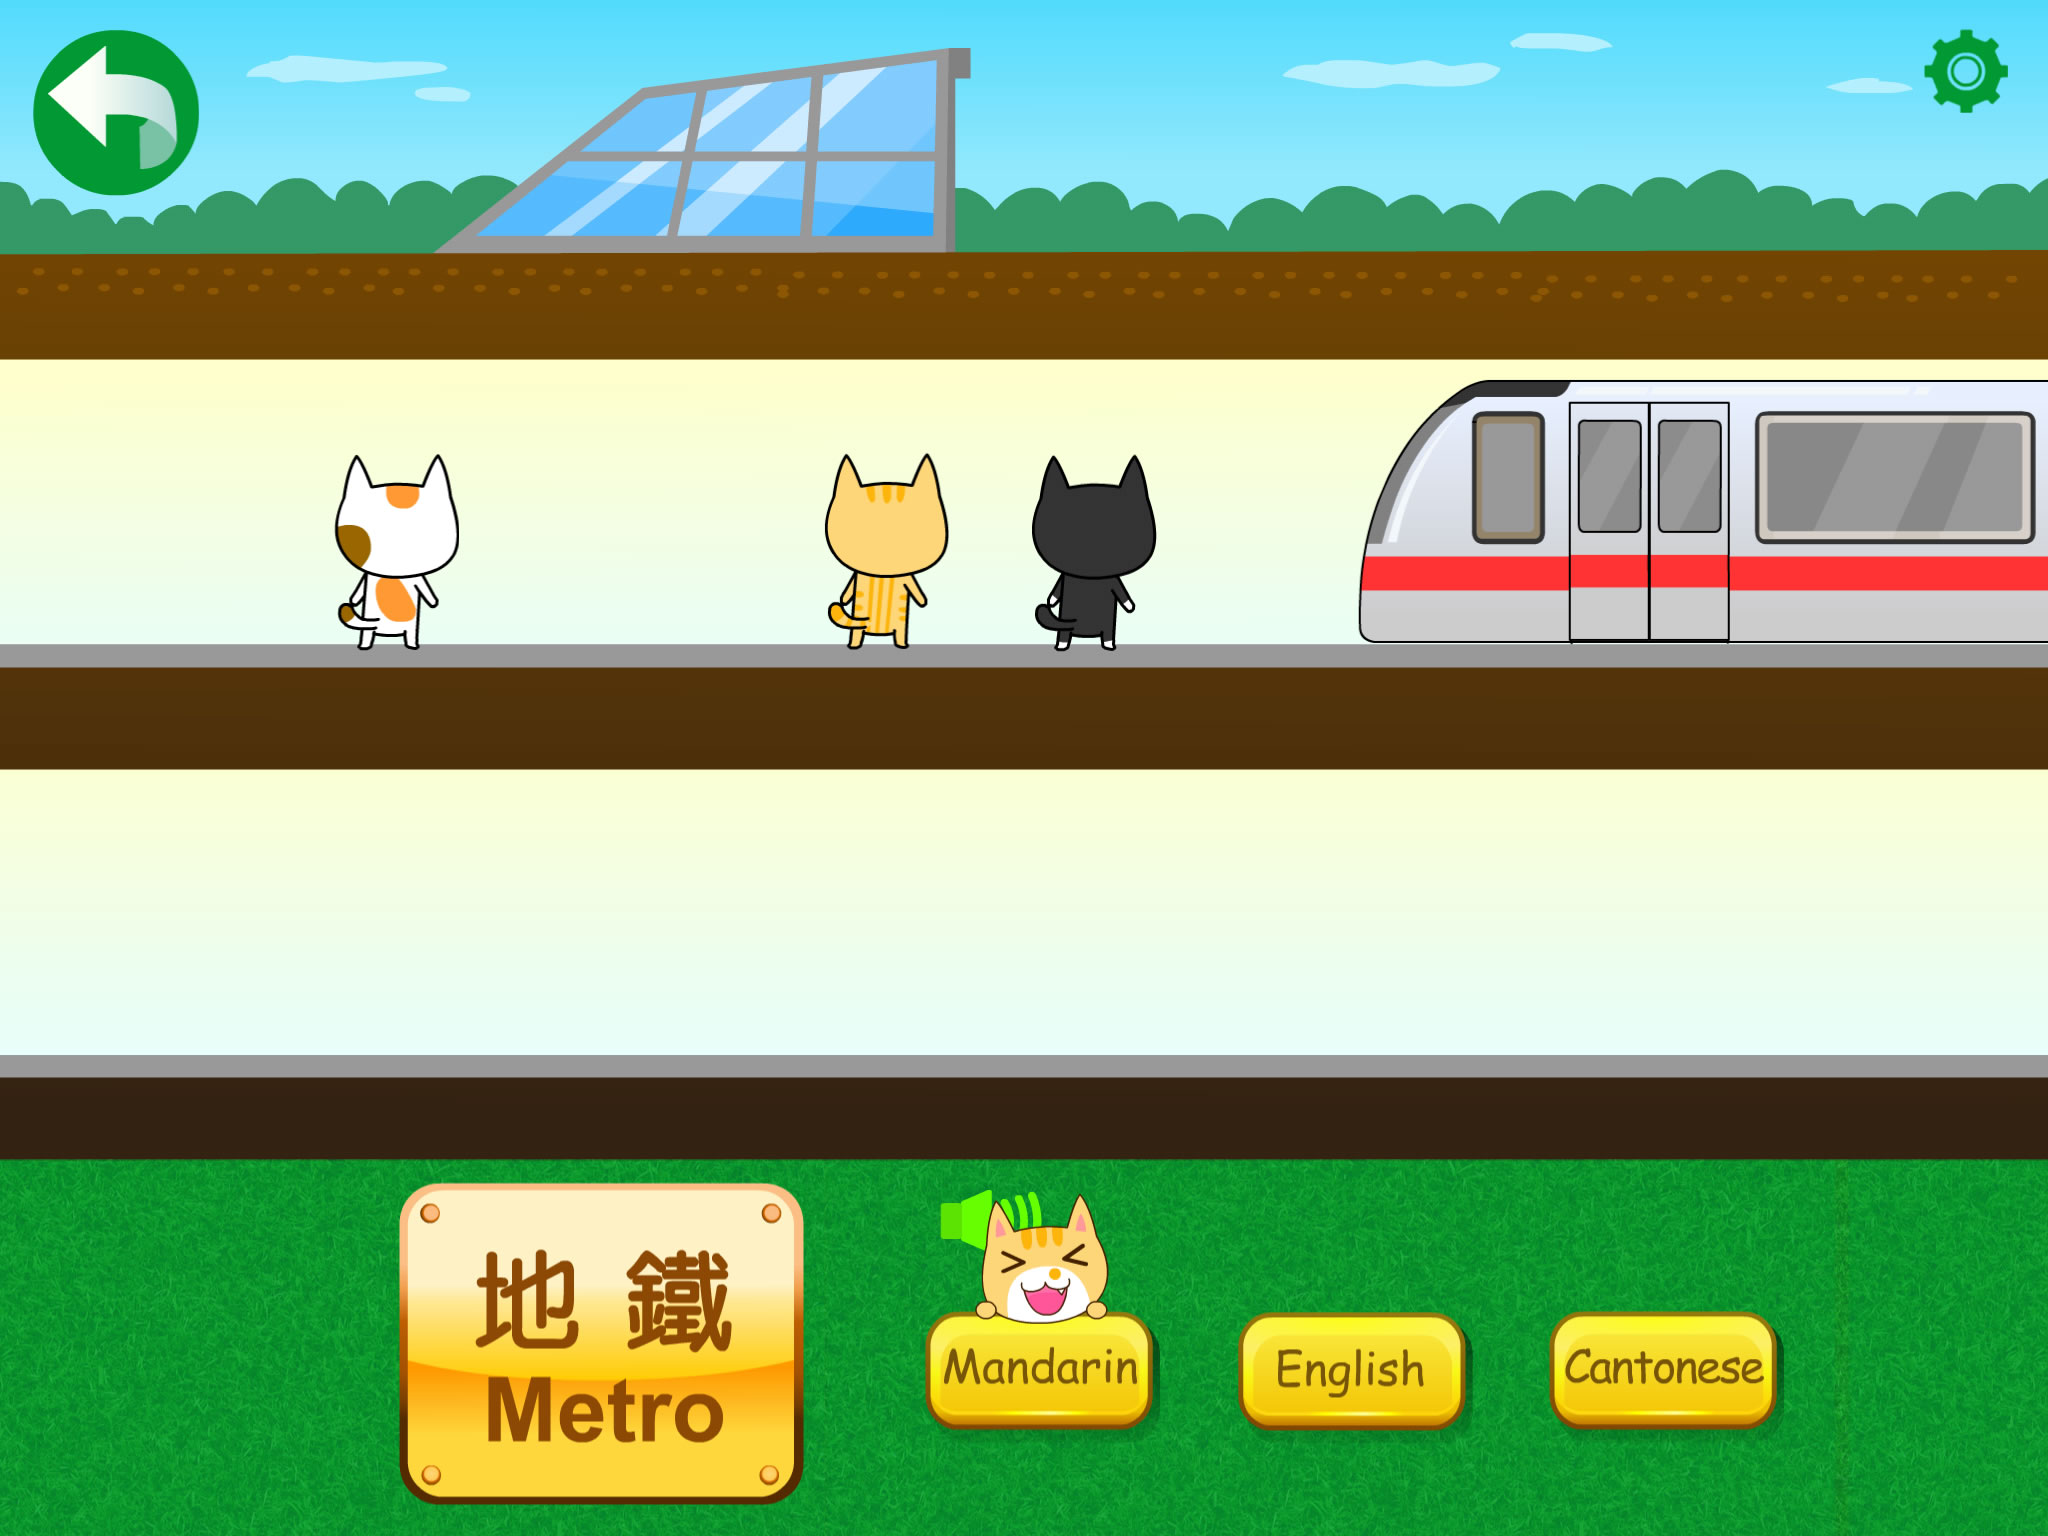 Transports for Kids HD  - 猫猫学交通工具 - 貓貓學交通工具